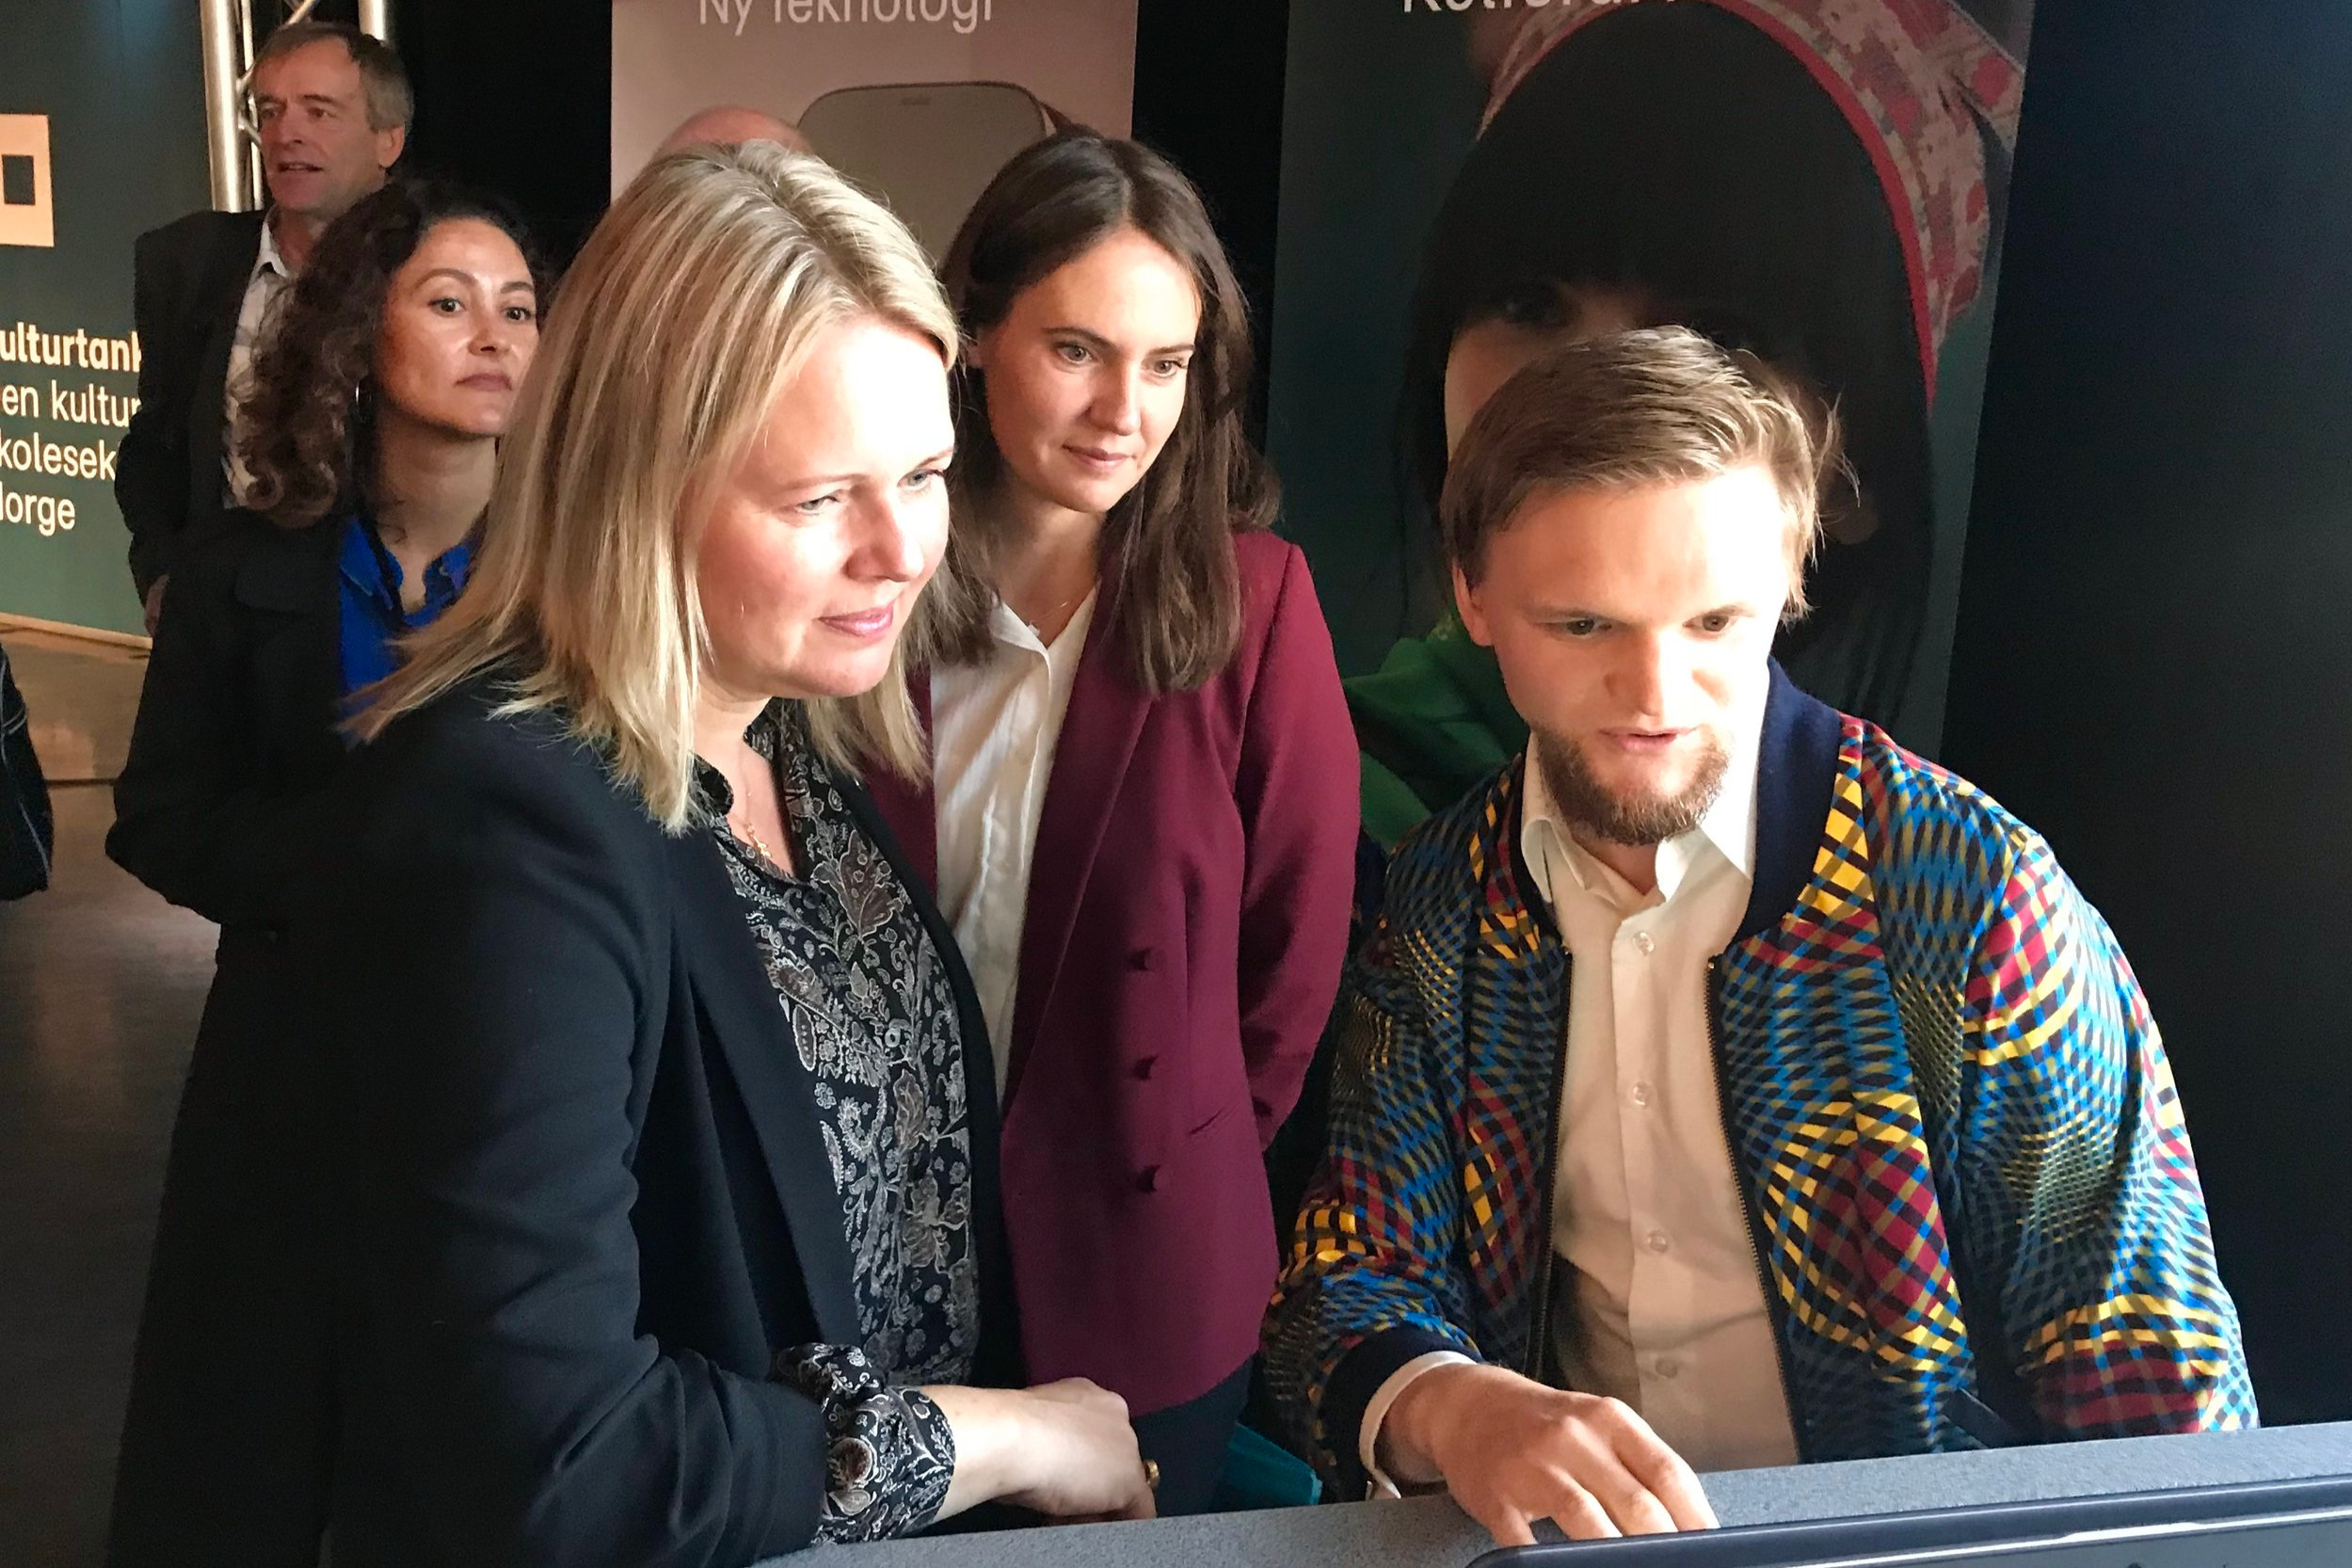 Prosjektleder for DKS-portalen, Daniel Nørbech viser statssekretærene Remen og Blomgren hvordan portalen fungerer